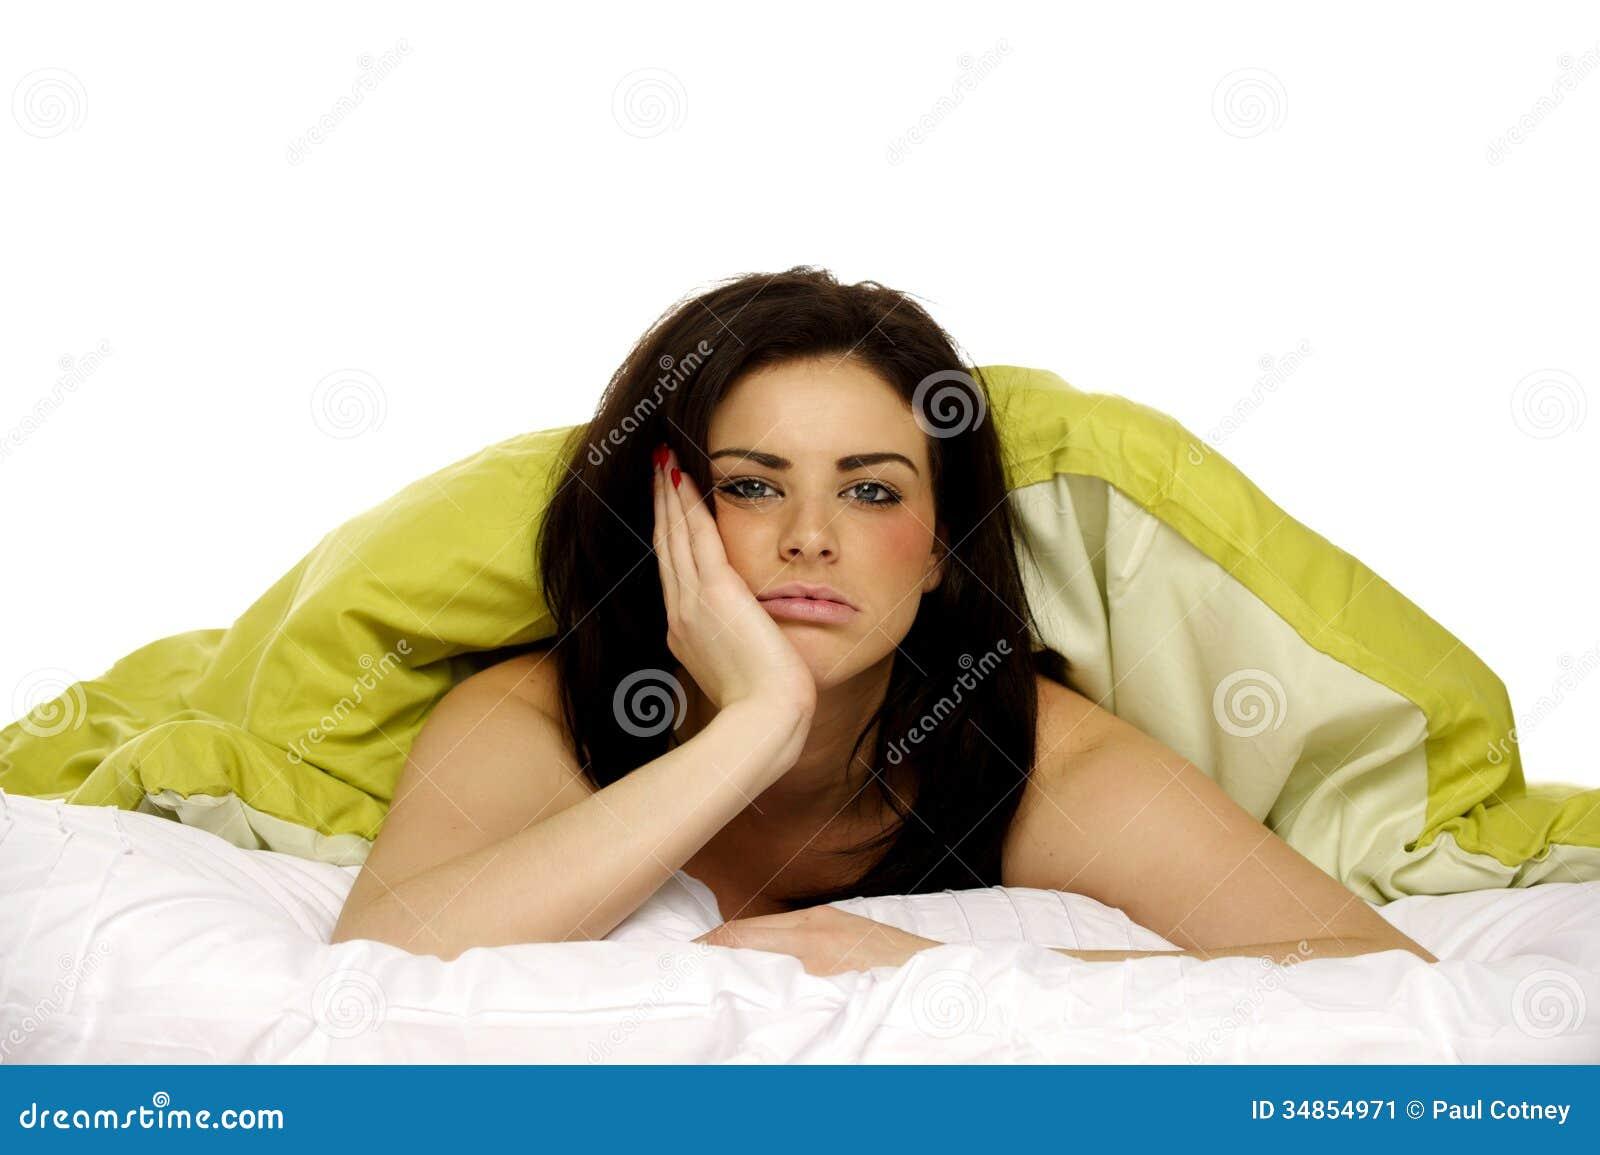 belle femme dans le lit sous une couette verte image stock image 34854971. Black Bedroom Furniture Sets. Home Design Ideas